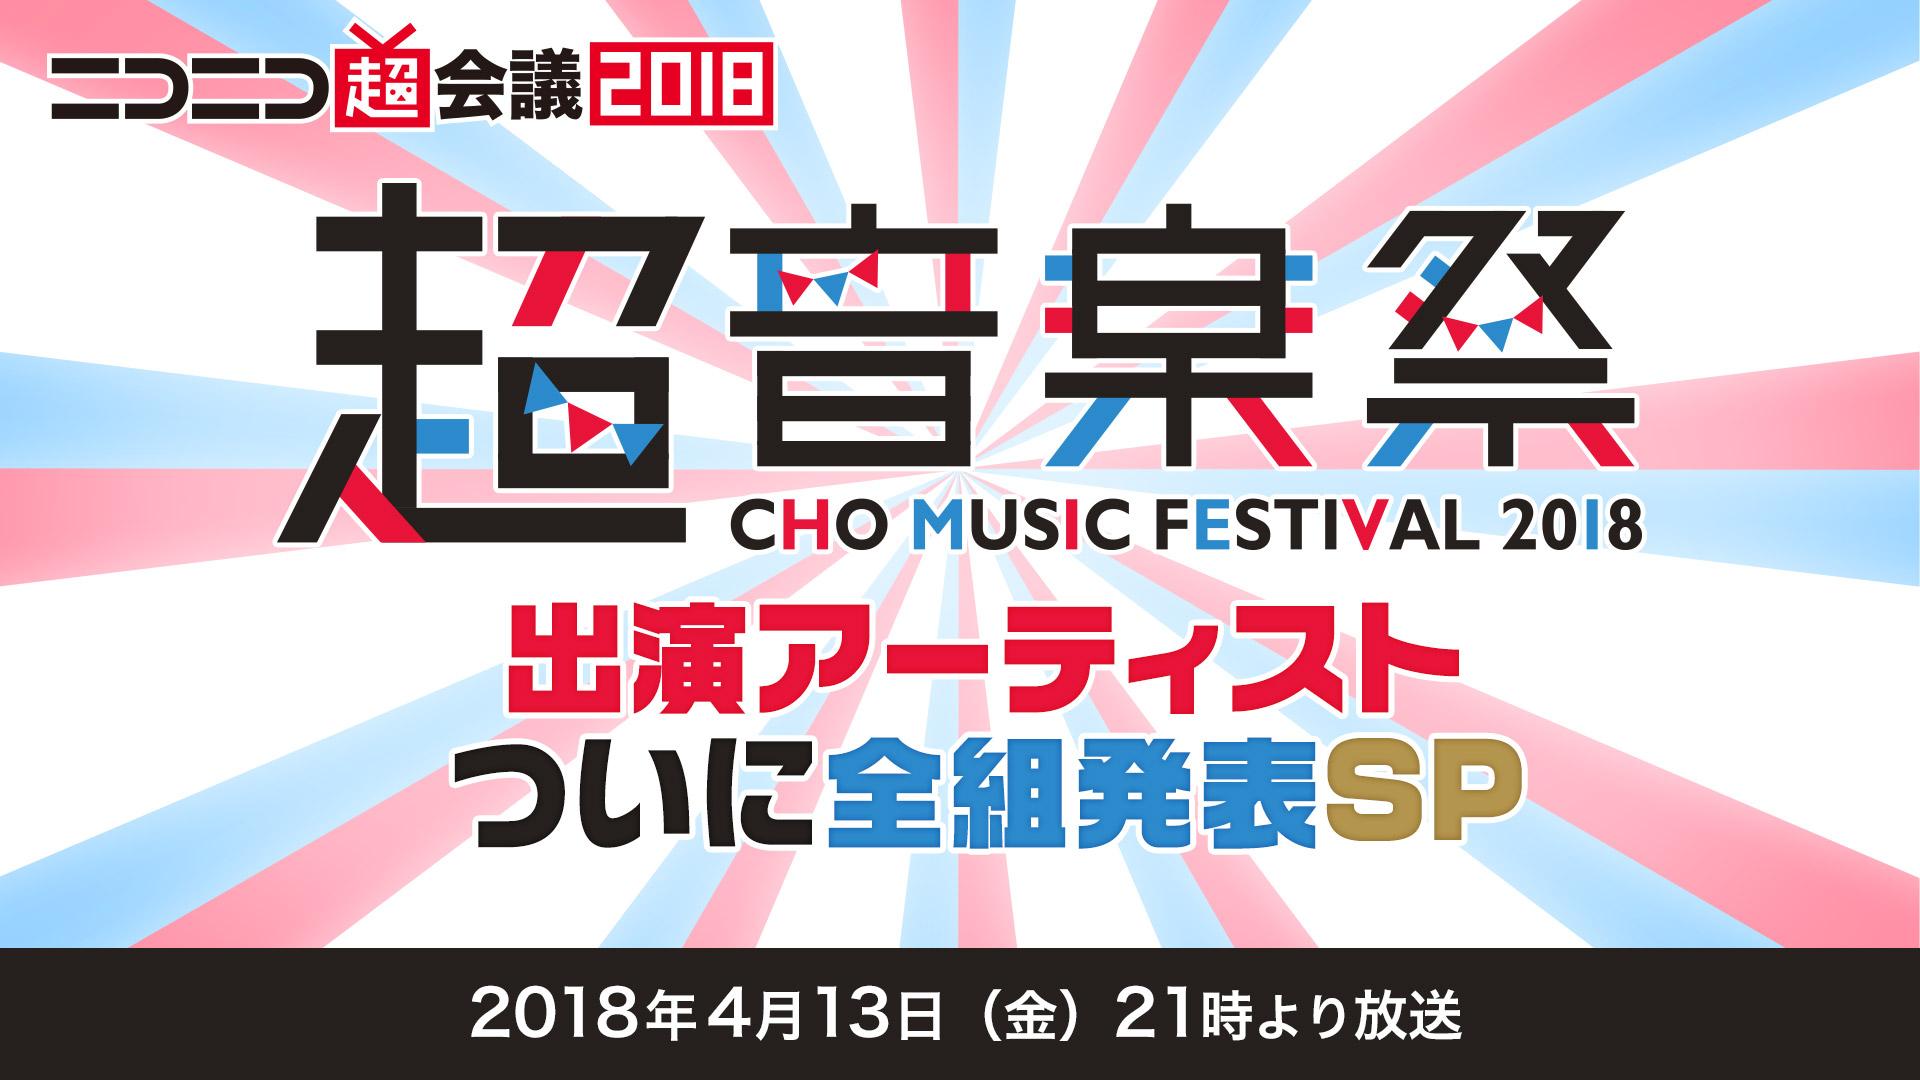 「超音楽祭2018」の全出演アーティストを網羅できる事前特番が放送決定!